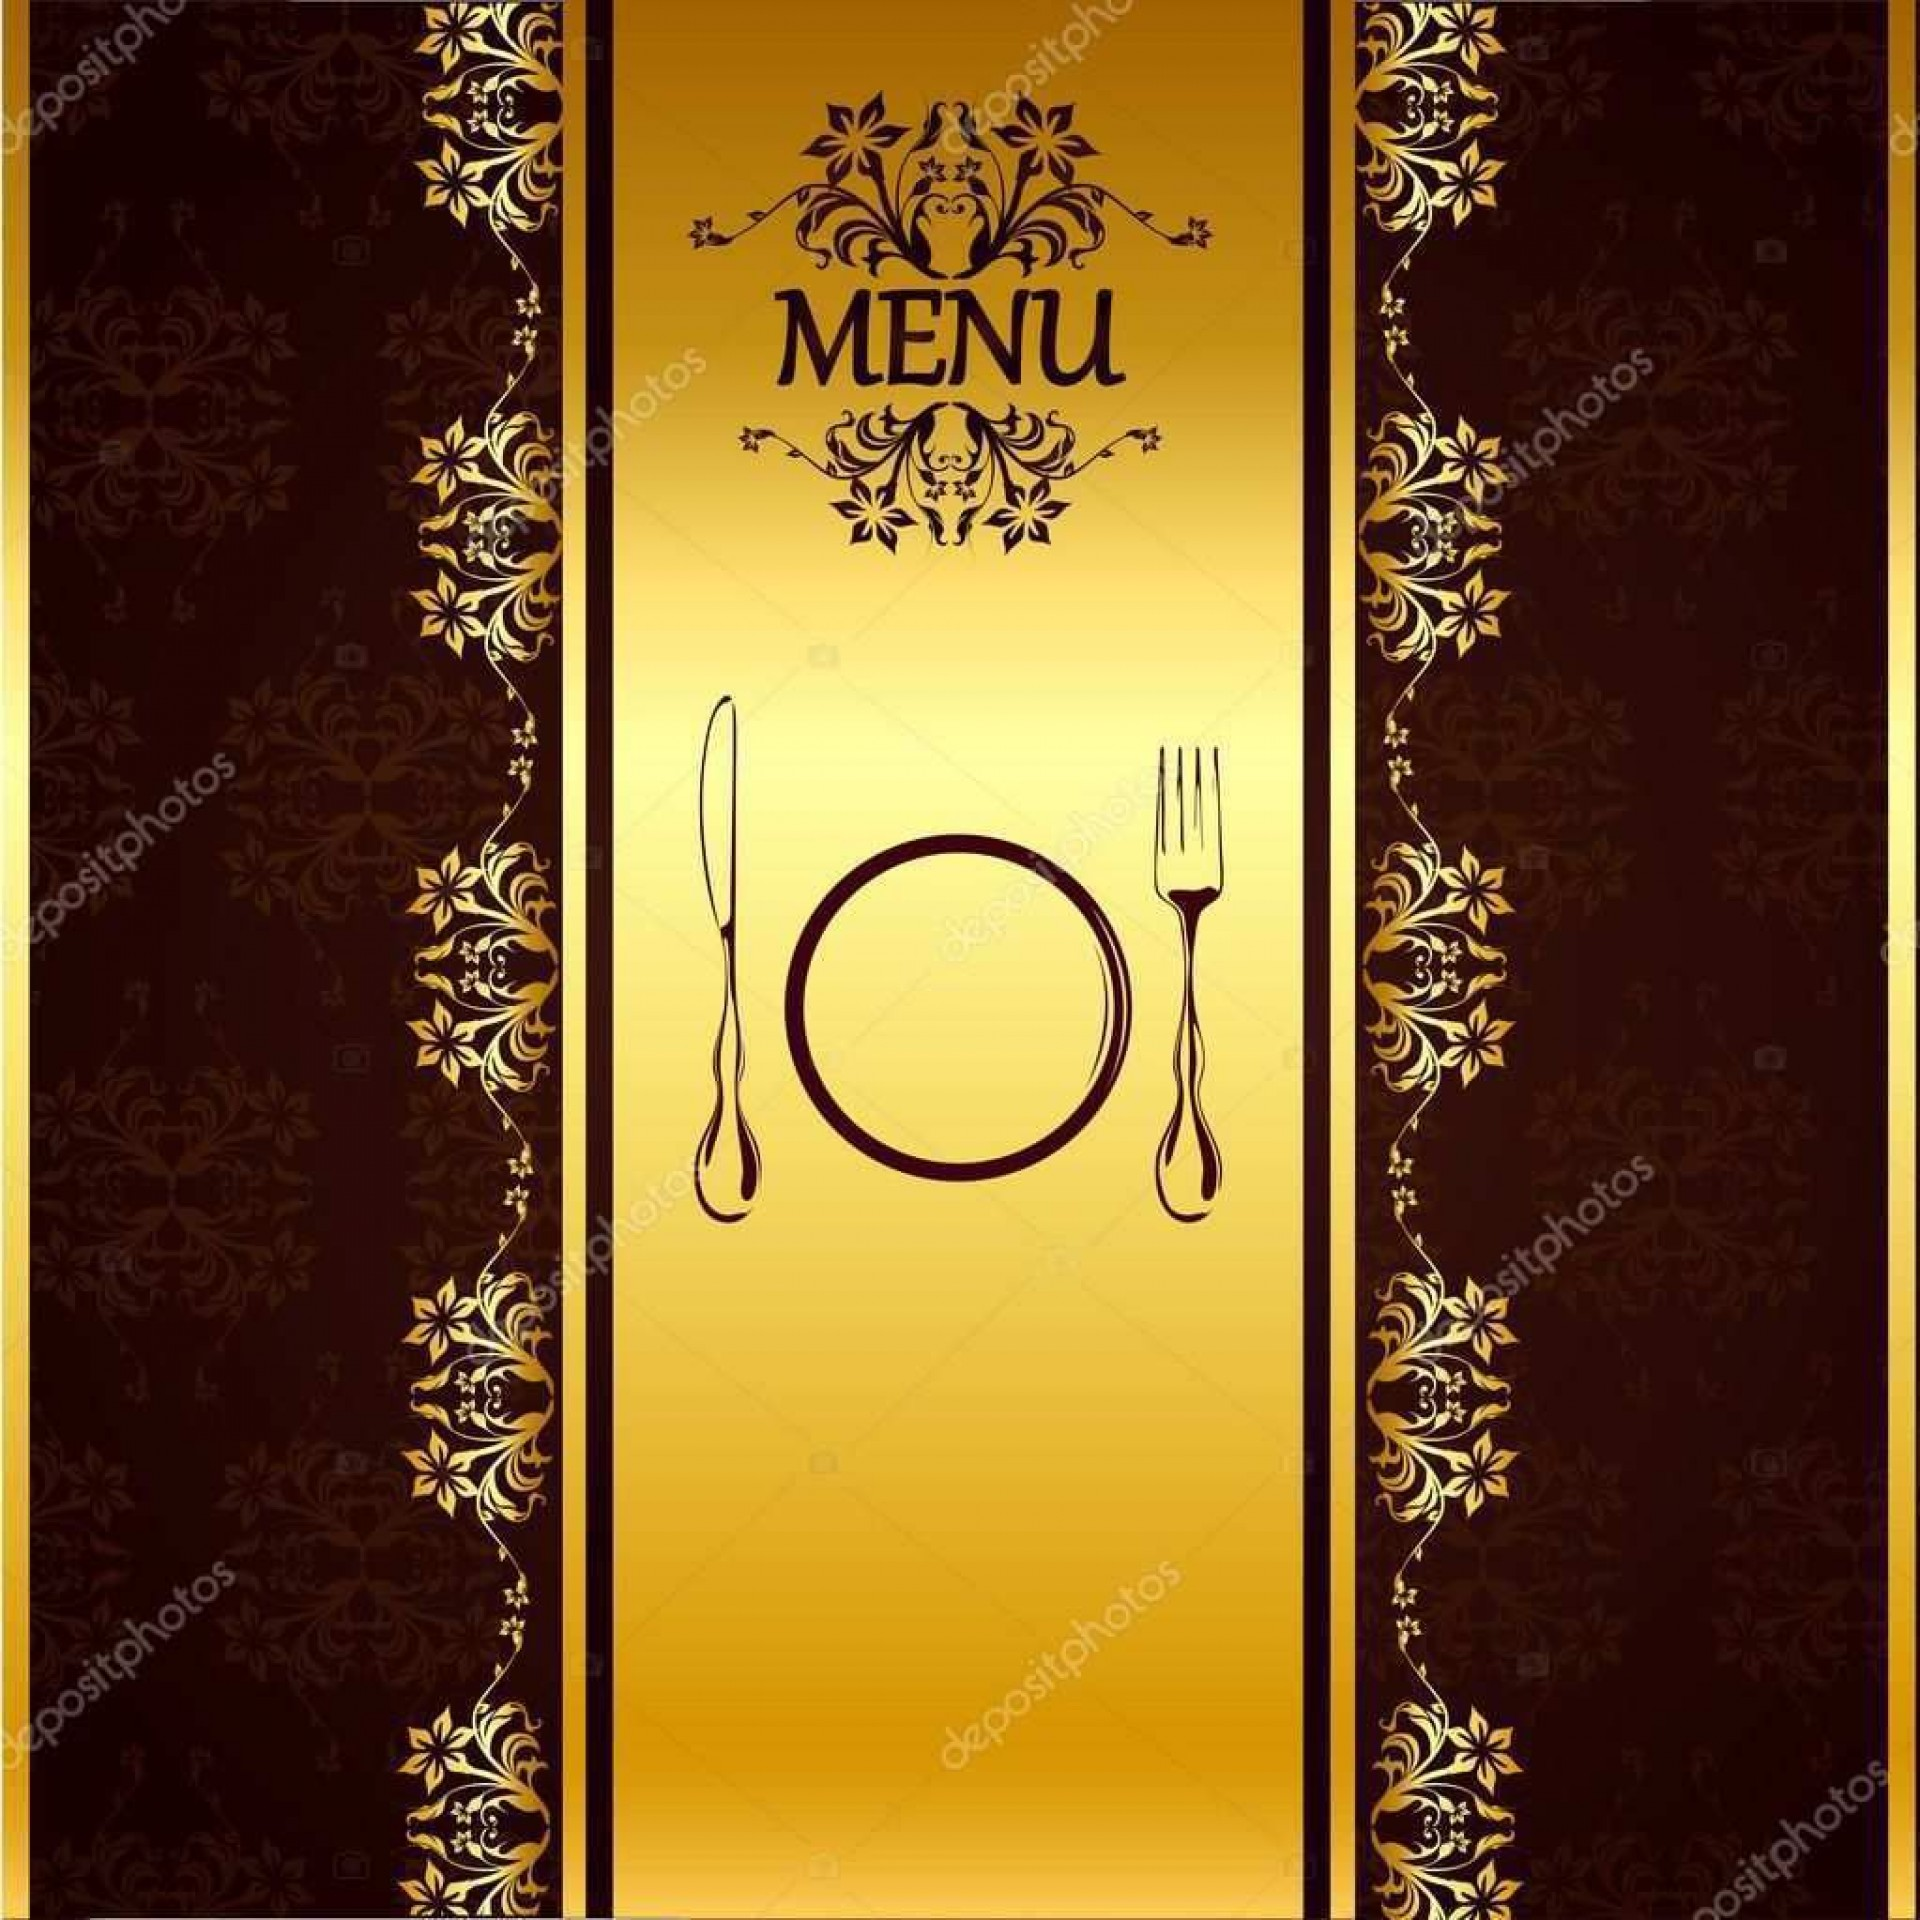 000 Fantastic Menu Card Template Free Download High Def  Indian Restaurant Design Cafe1920